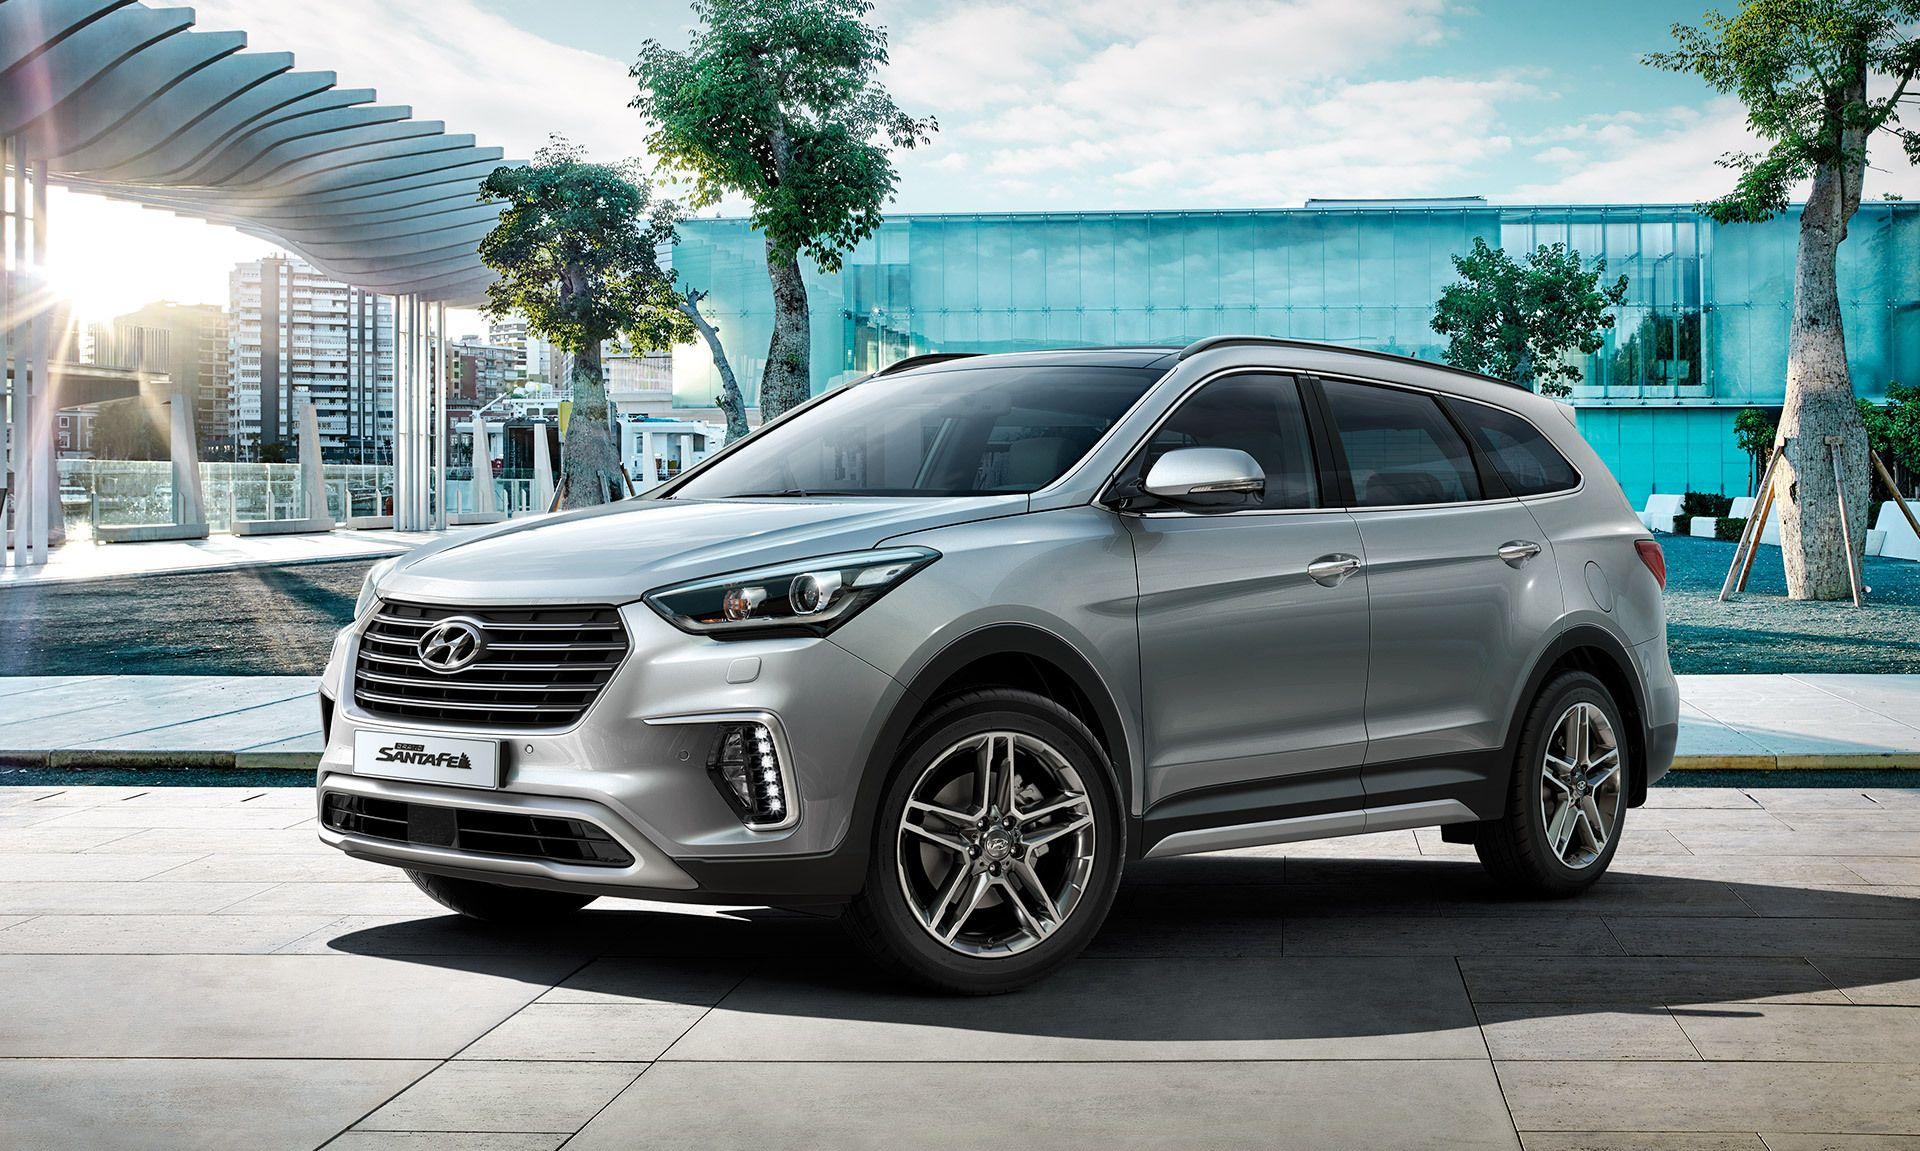 2017 Hyundai Grand Santa Fe Review Release Date Specs Hyundai Santa Fe Hyundai Motor